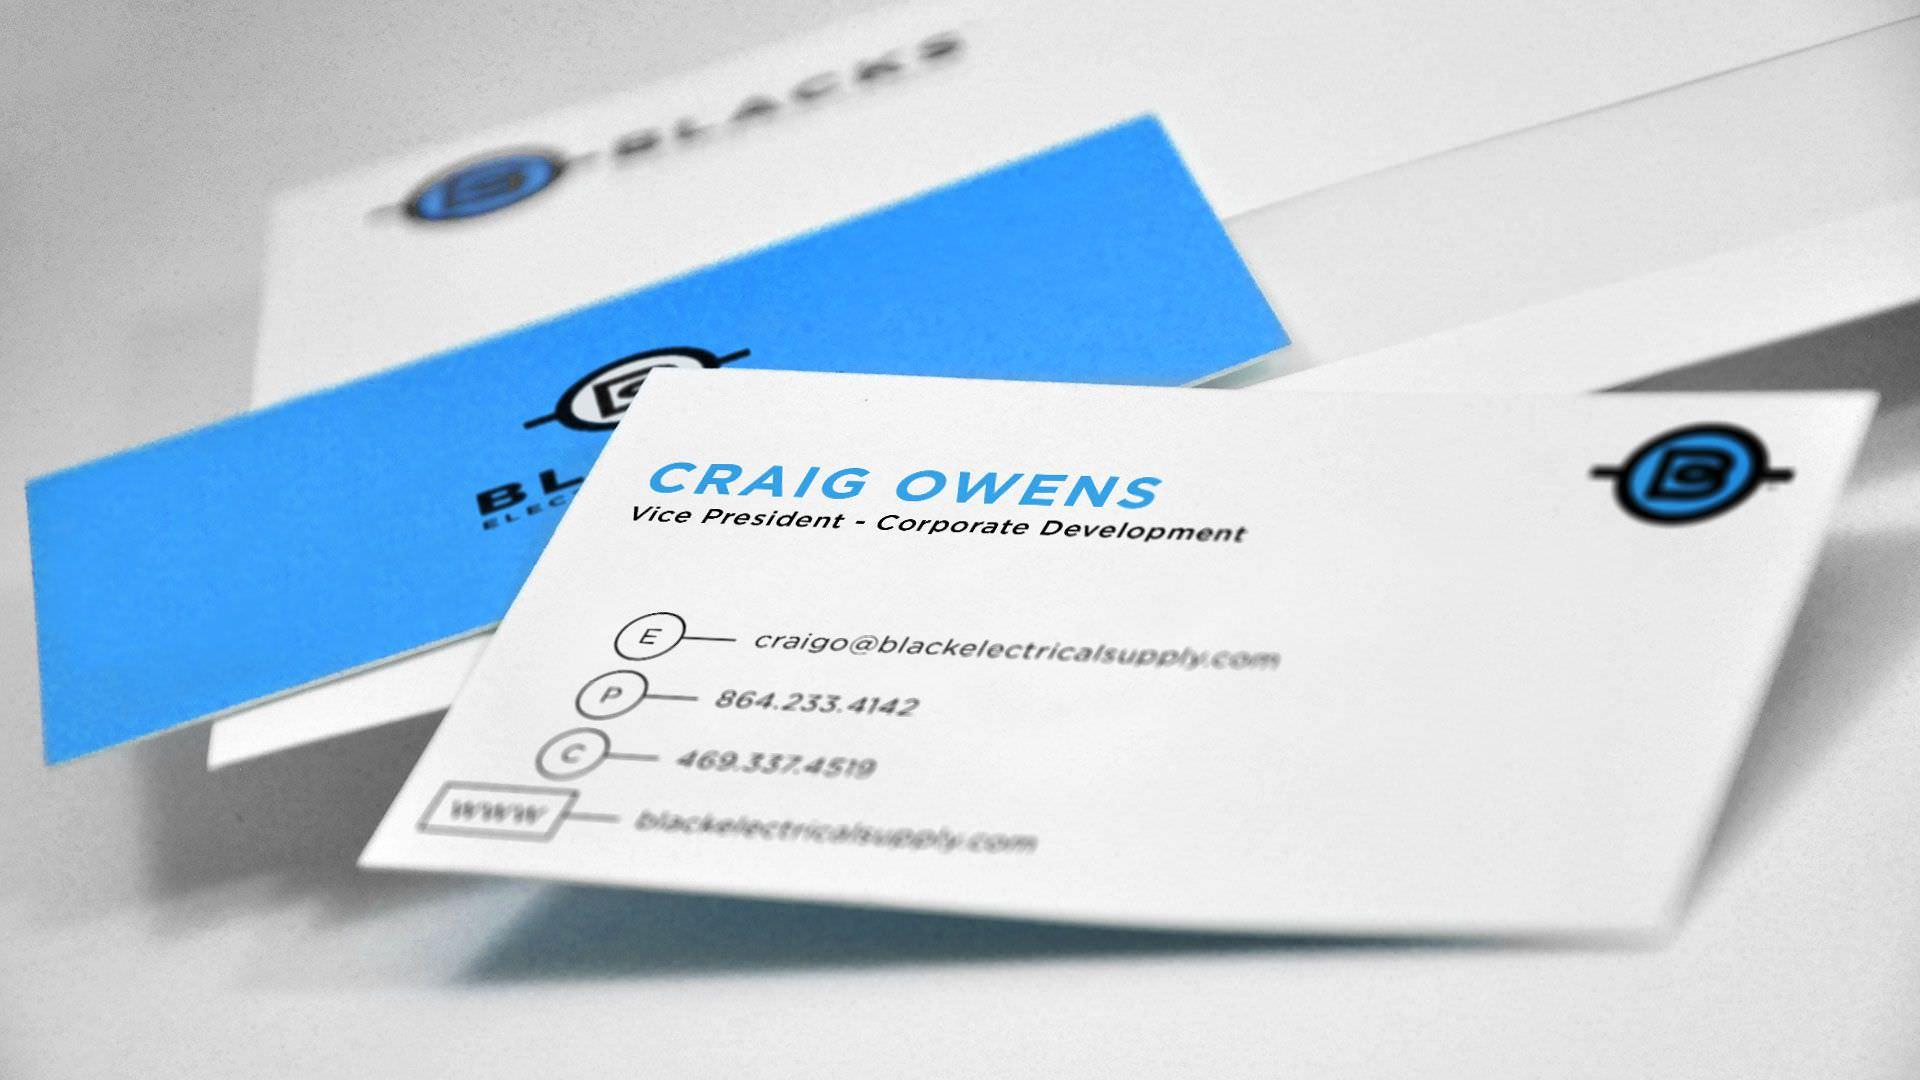 Branding Greenville-based Blacks Electrical Supply - - Branding Greenville Business Cards